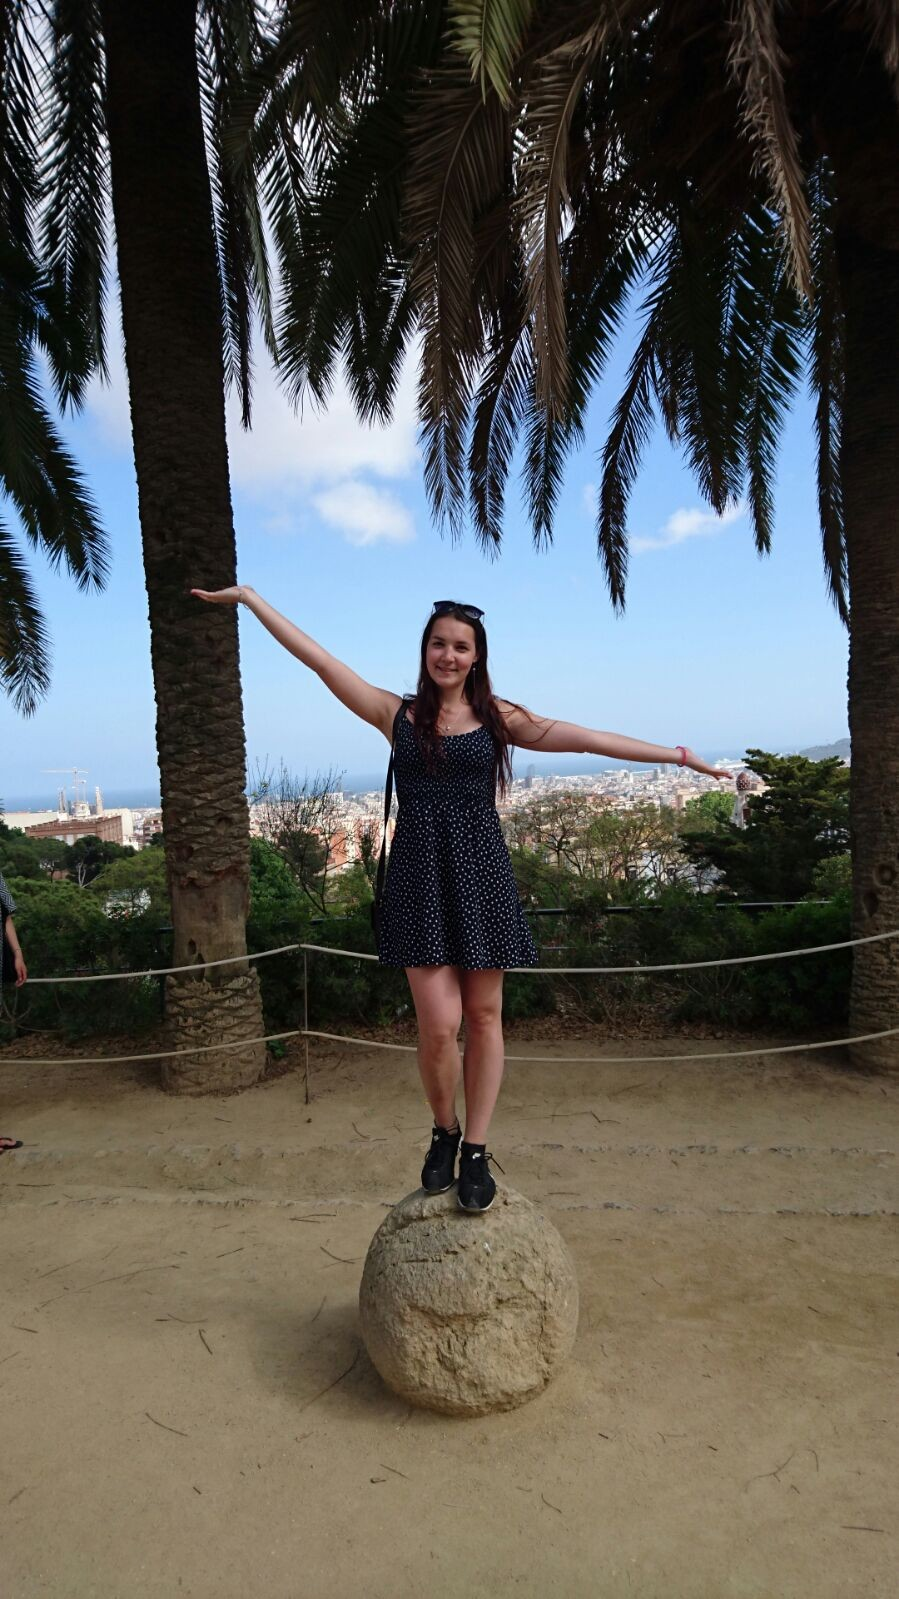 paradise-barcelona-a992ec7d4f118f2488962